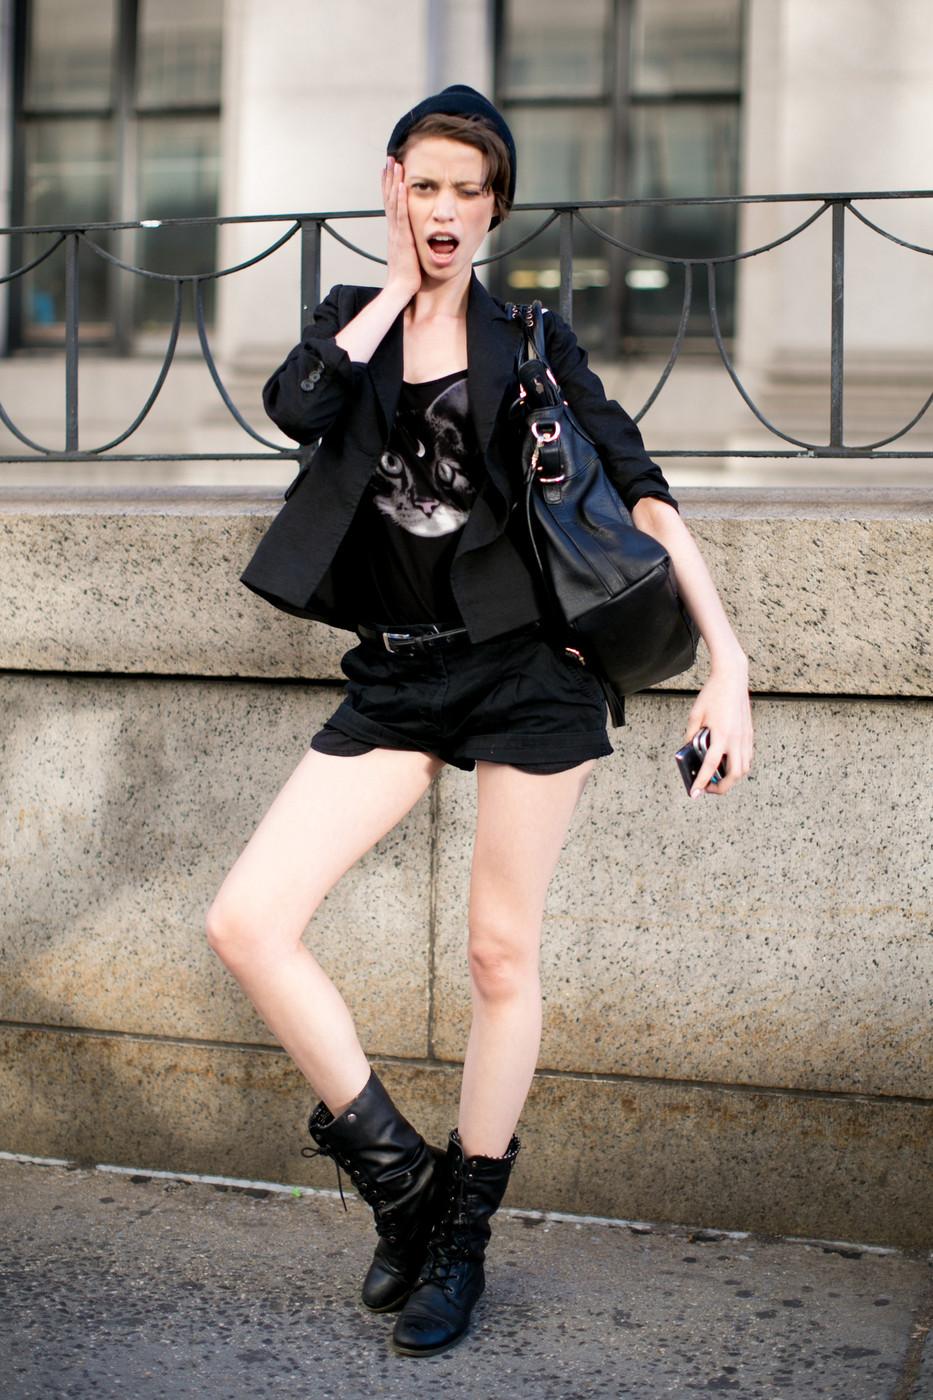 El street style de las modelos en la temporada S/S 2014